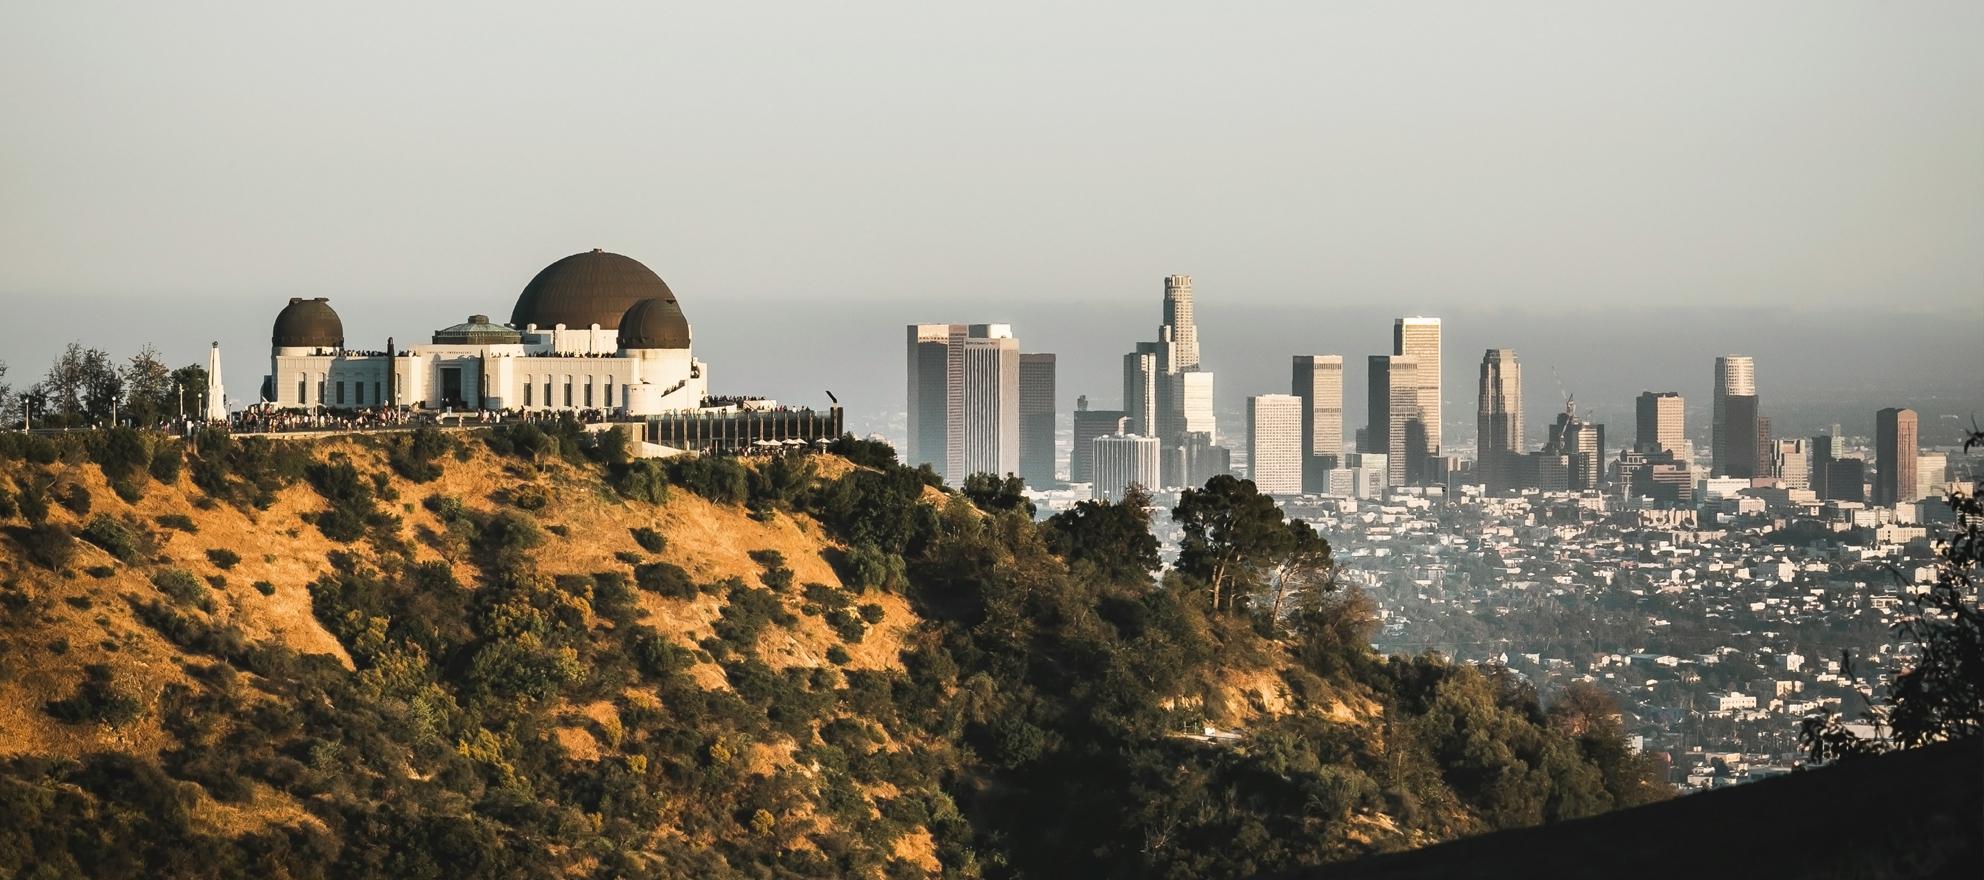 LA home prices